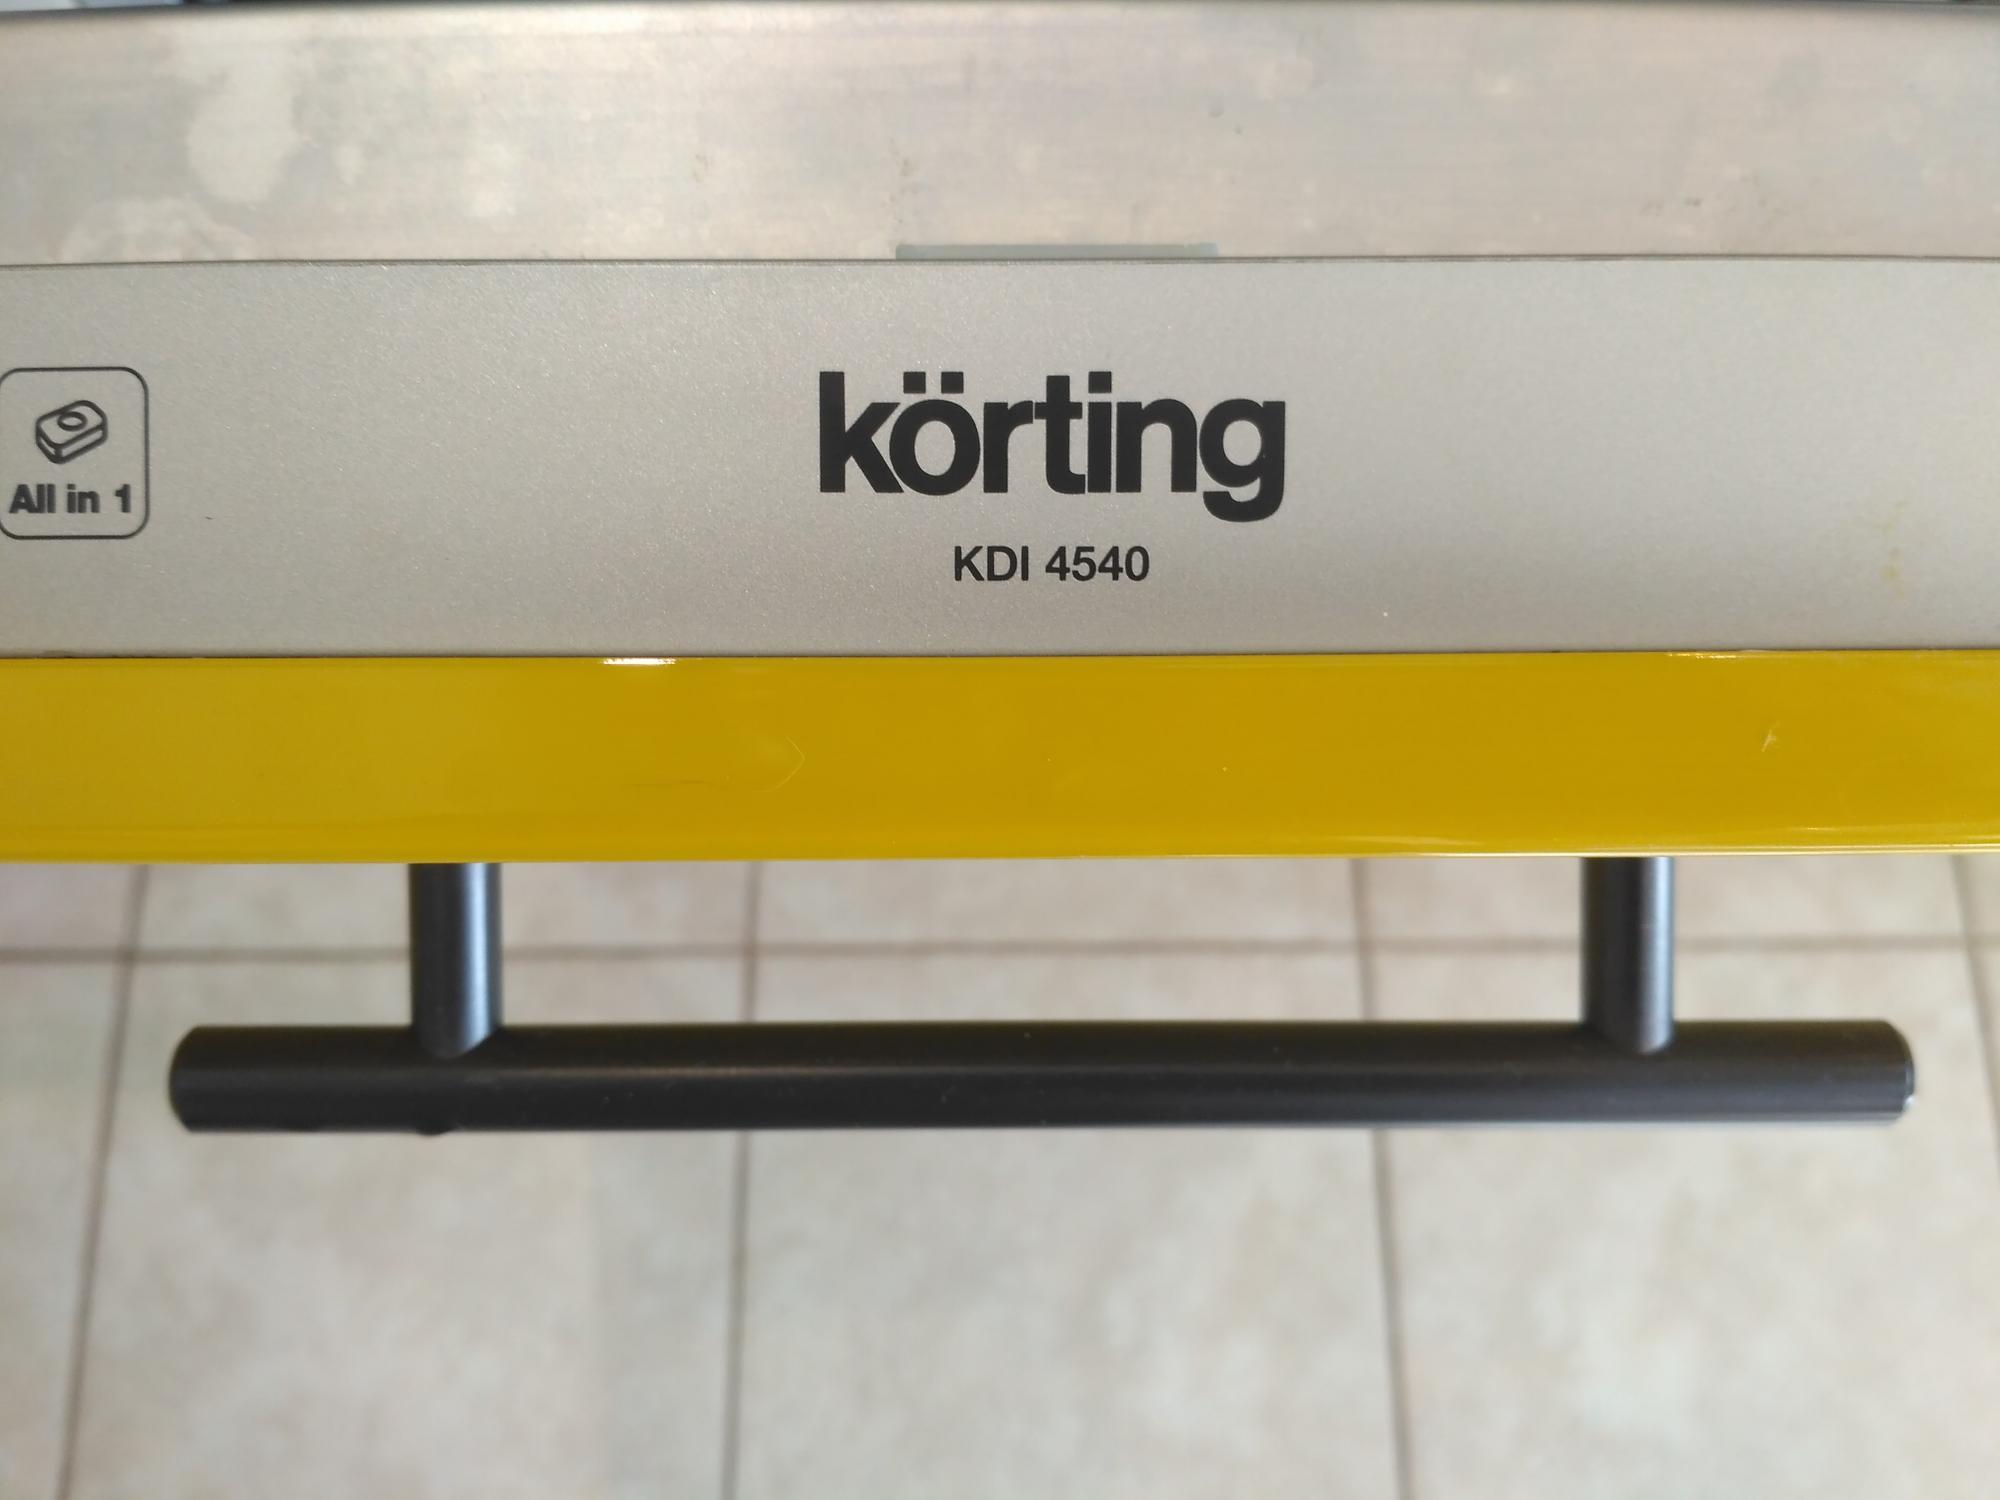 Посудомоечная машина б/у KORTING KDI 4540 в Красногорске 89161167010 купить 7